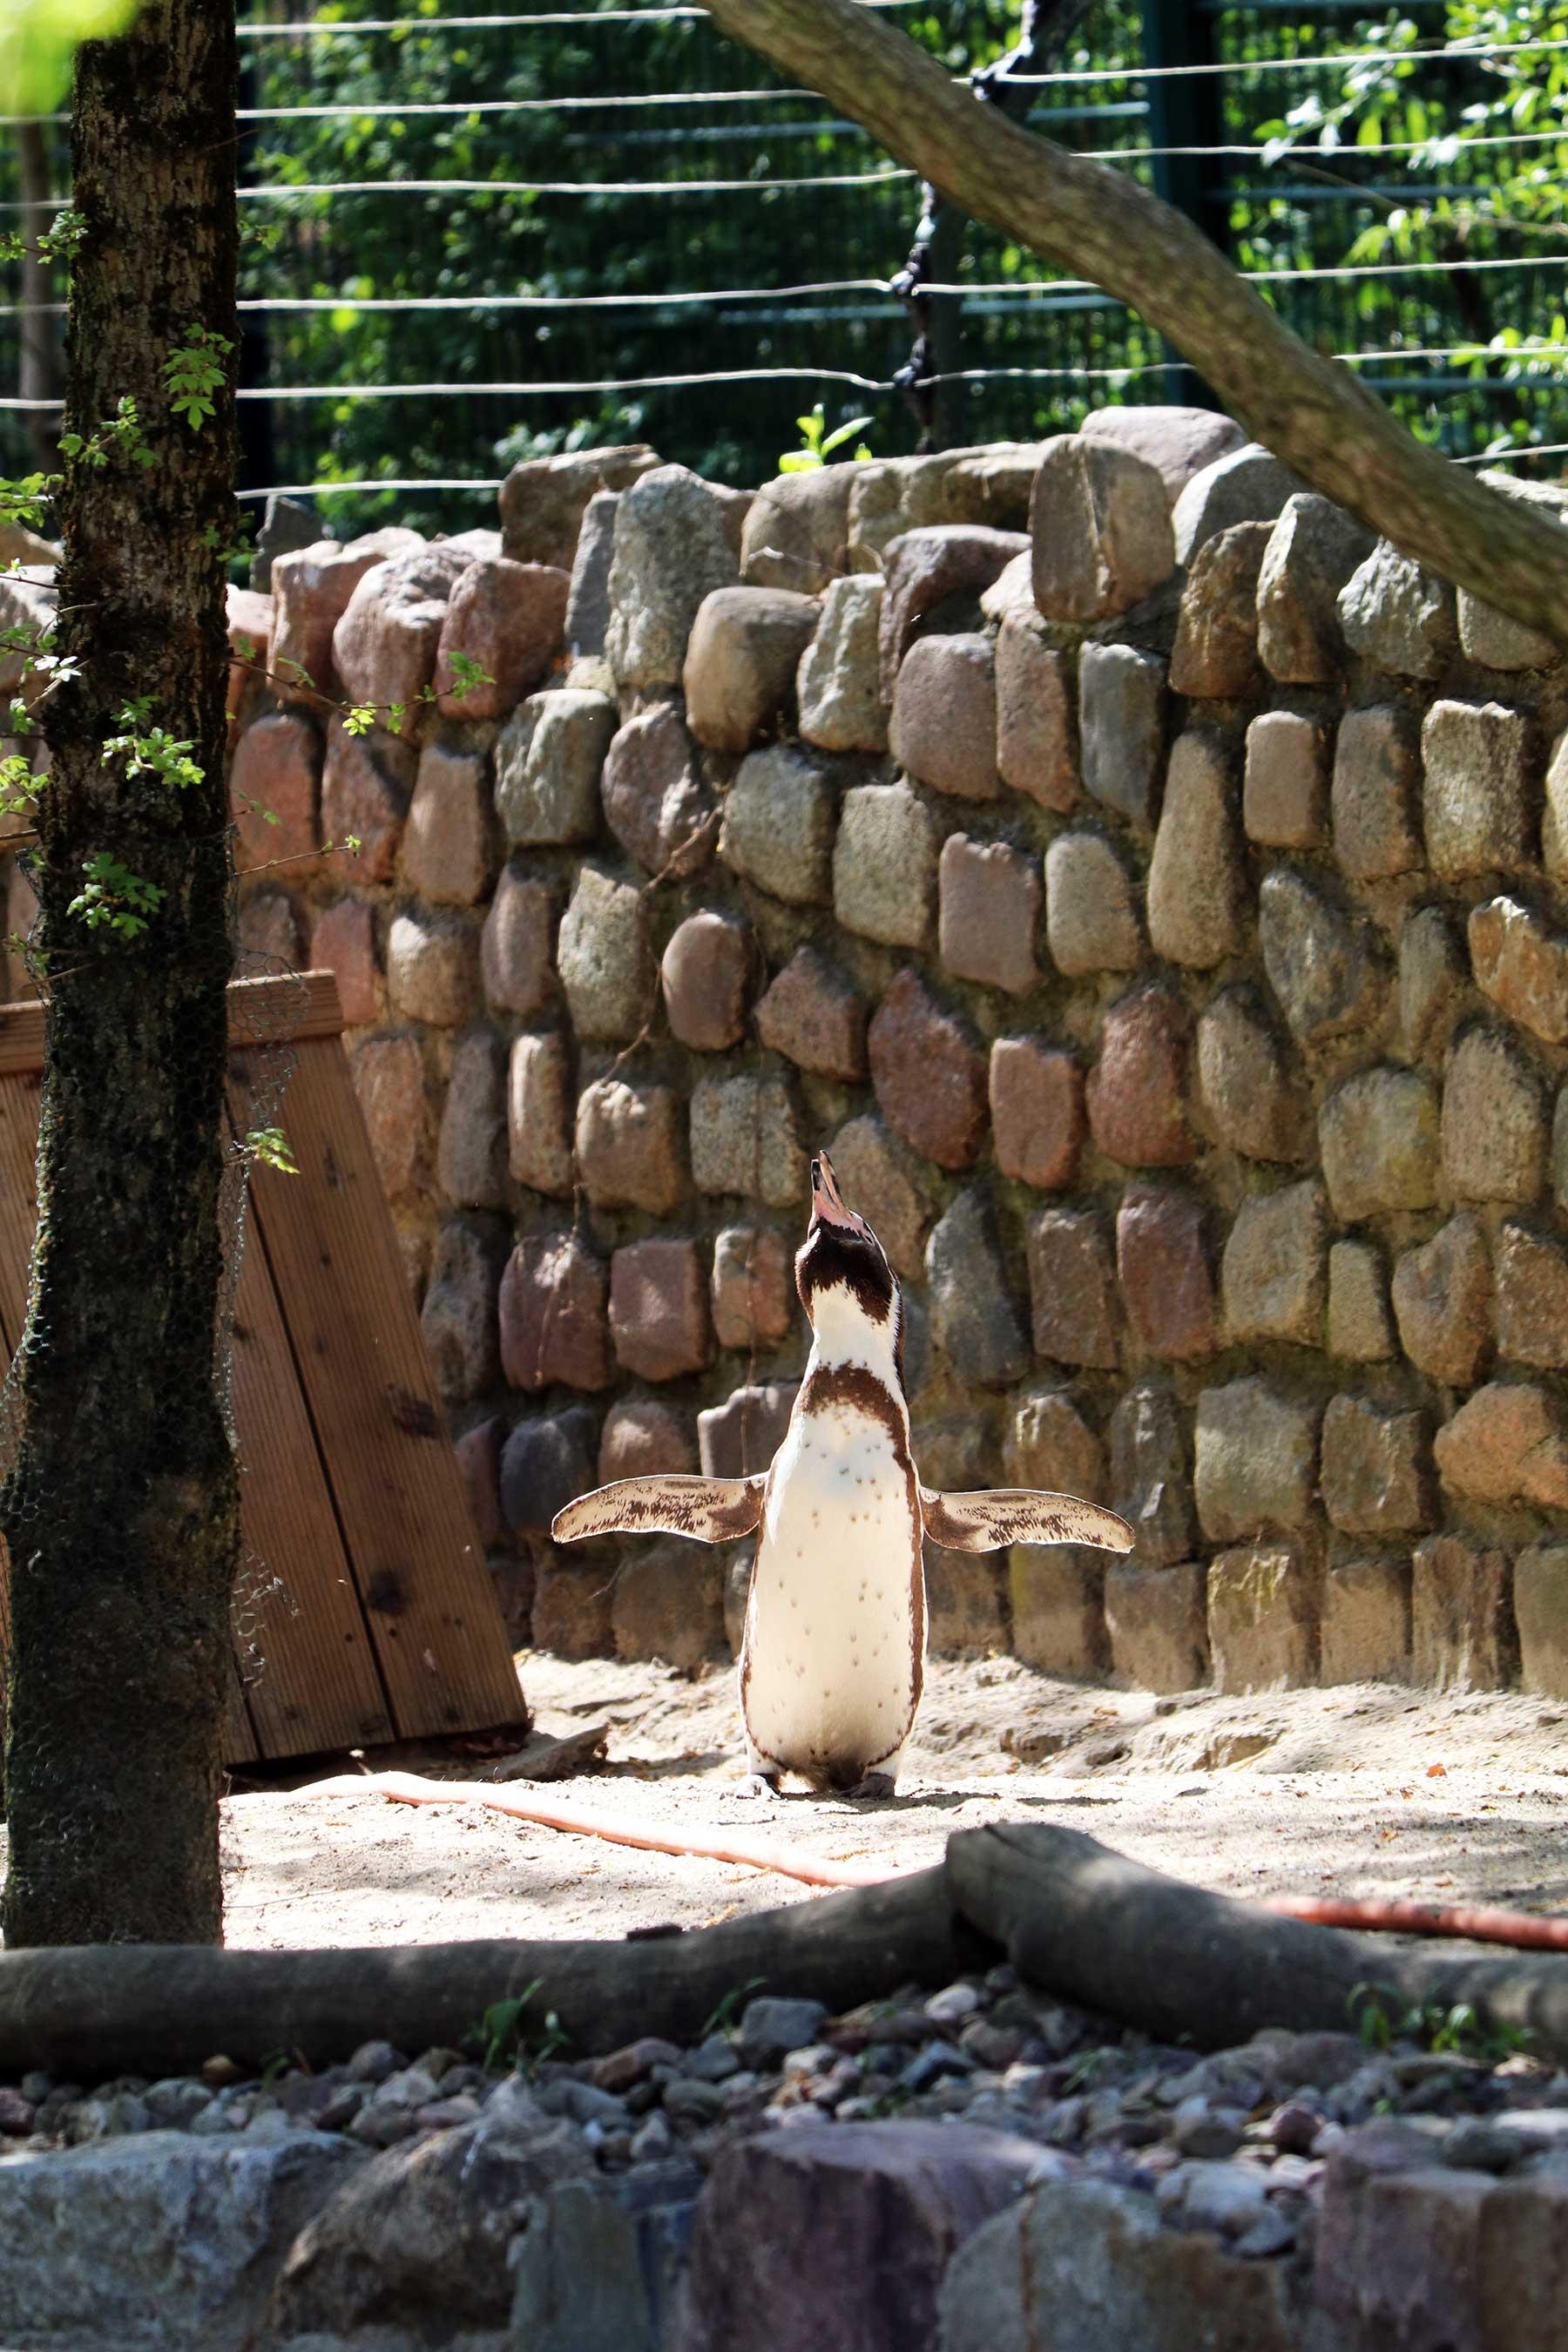 Bilder vom Besuch im Zoologischen Garten Eberswalde Zoologischer-garten-eberswalde-Besuch_11